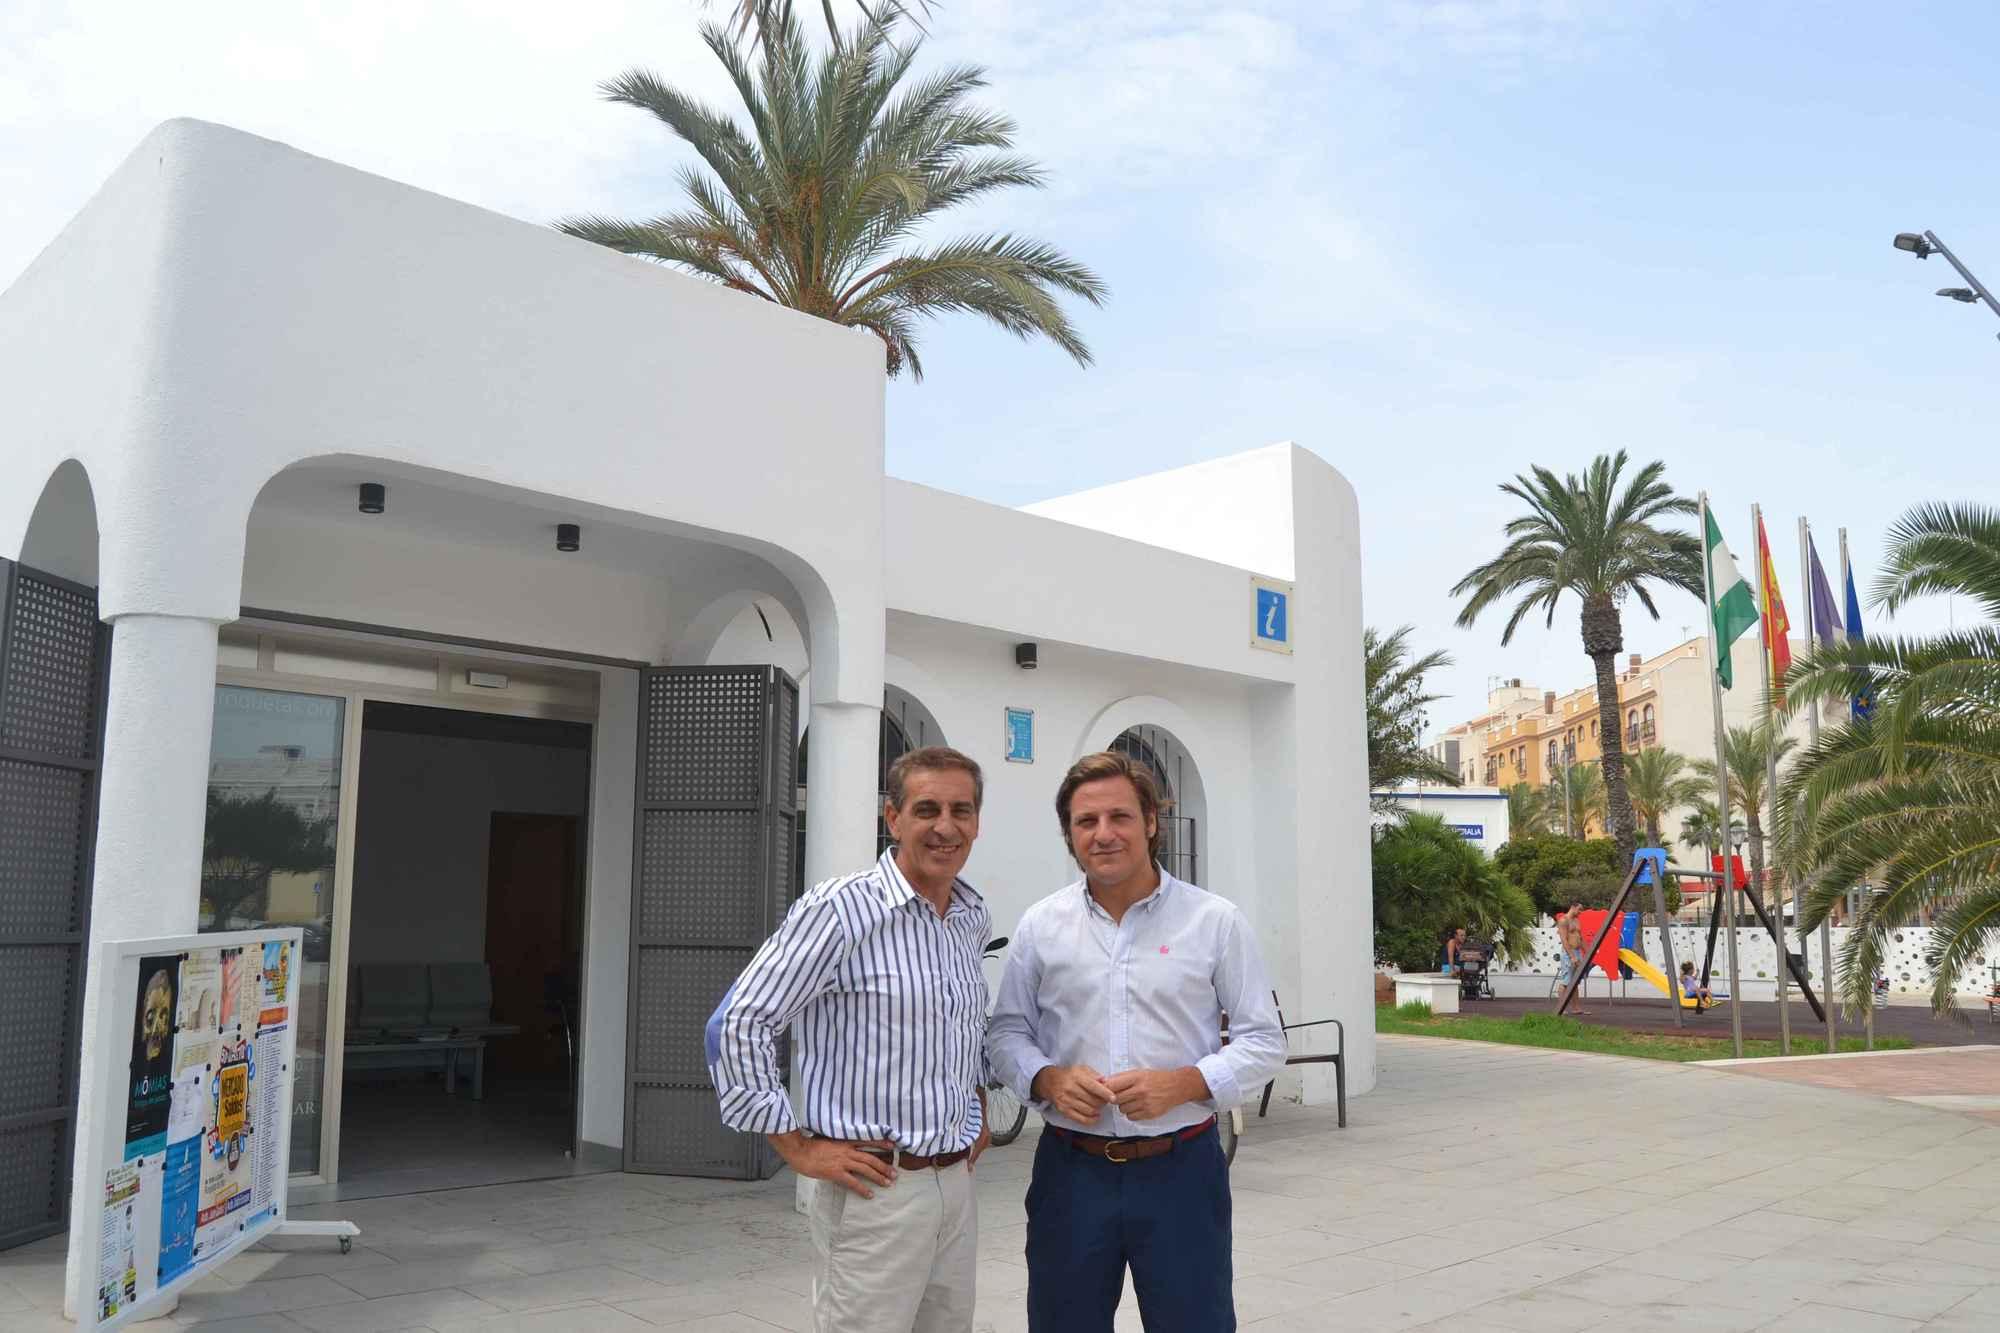 Las tres oficinas de turismo de roquetas atienden 150 for Oficina turismo carmona